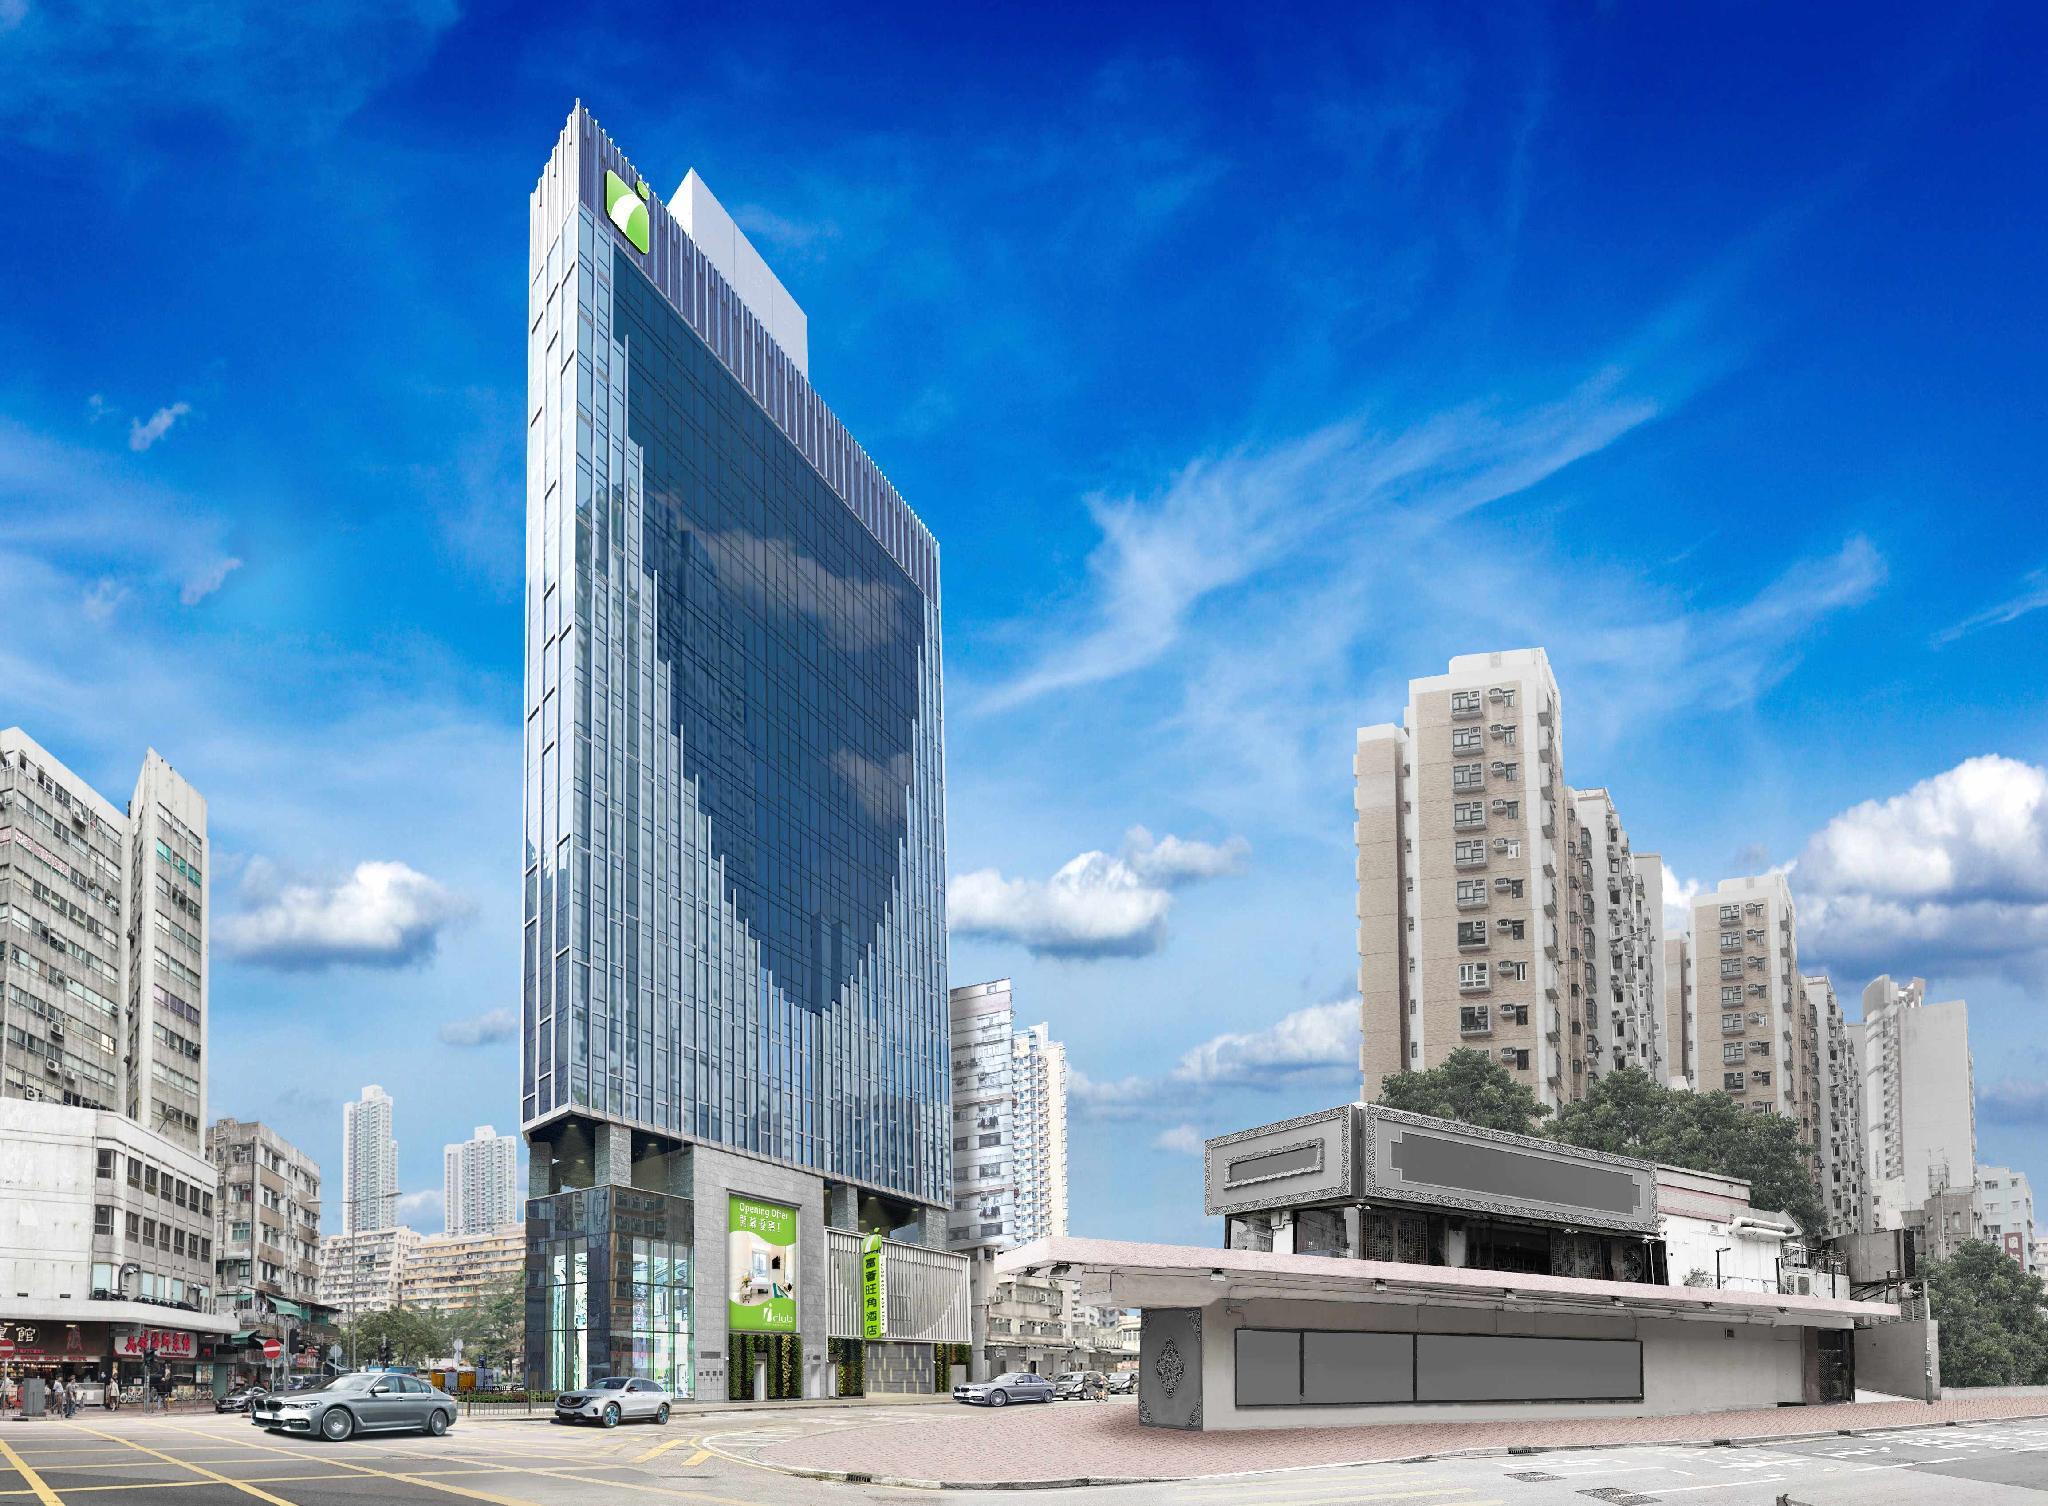 Iclub Mong Kok Hotel